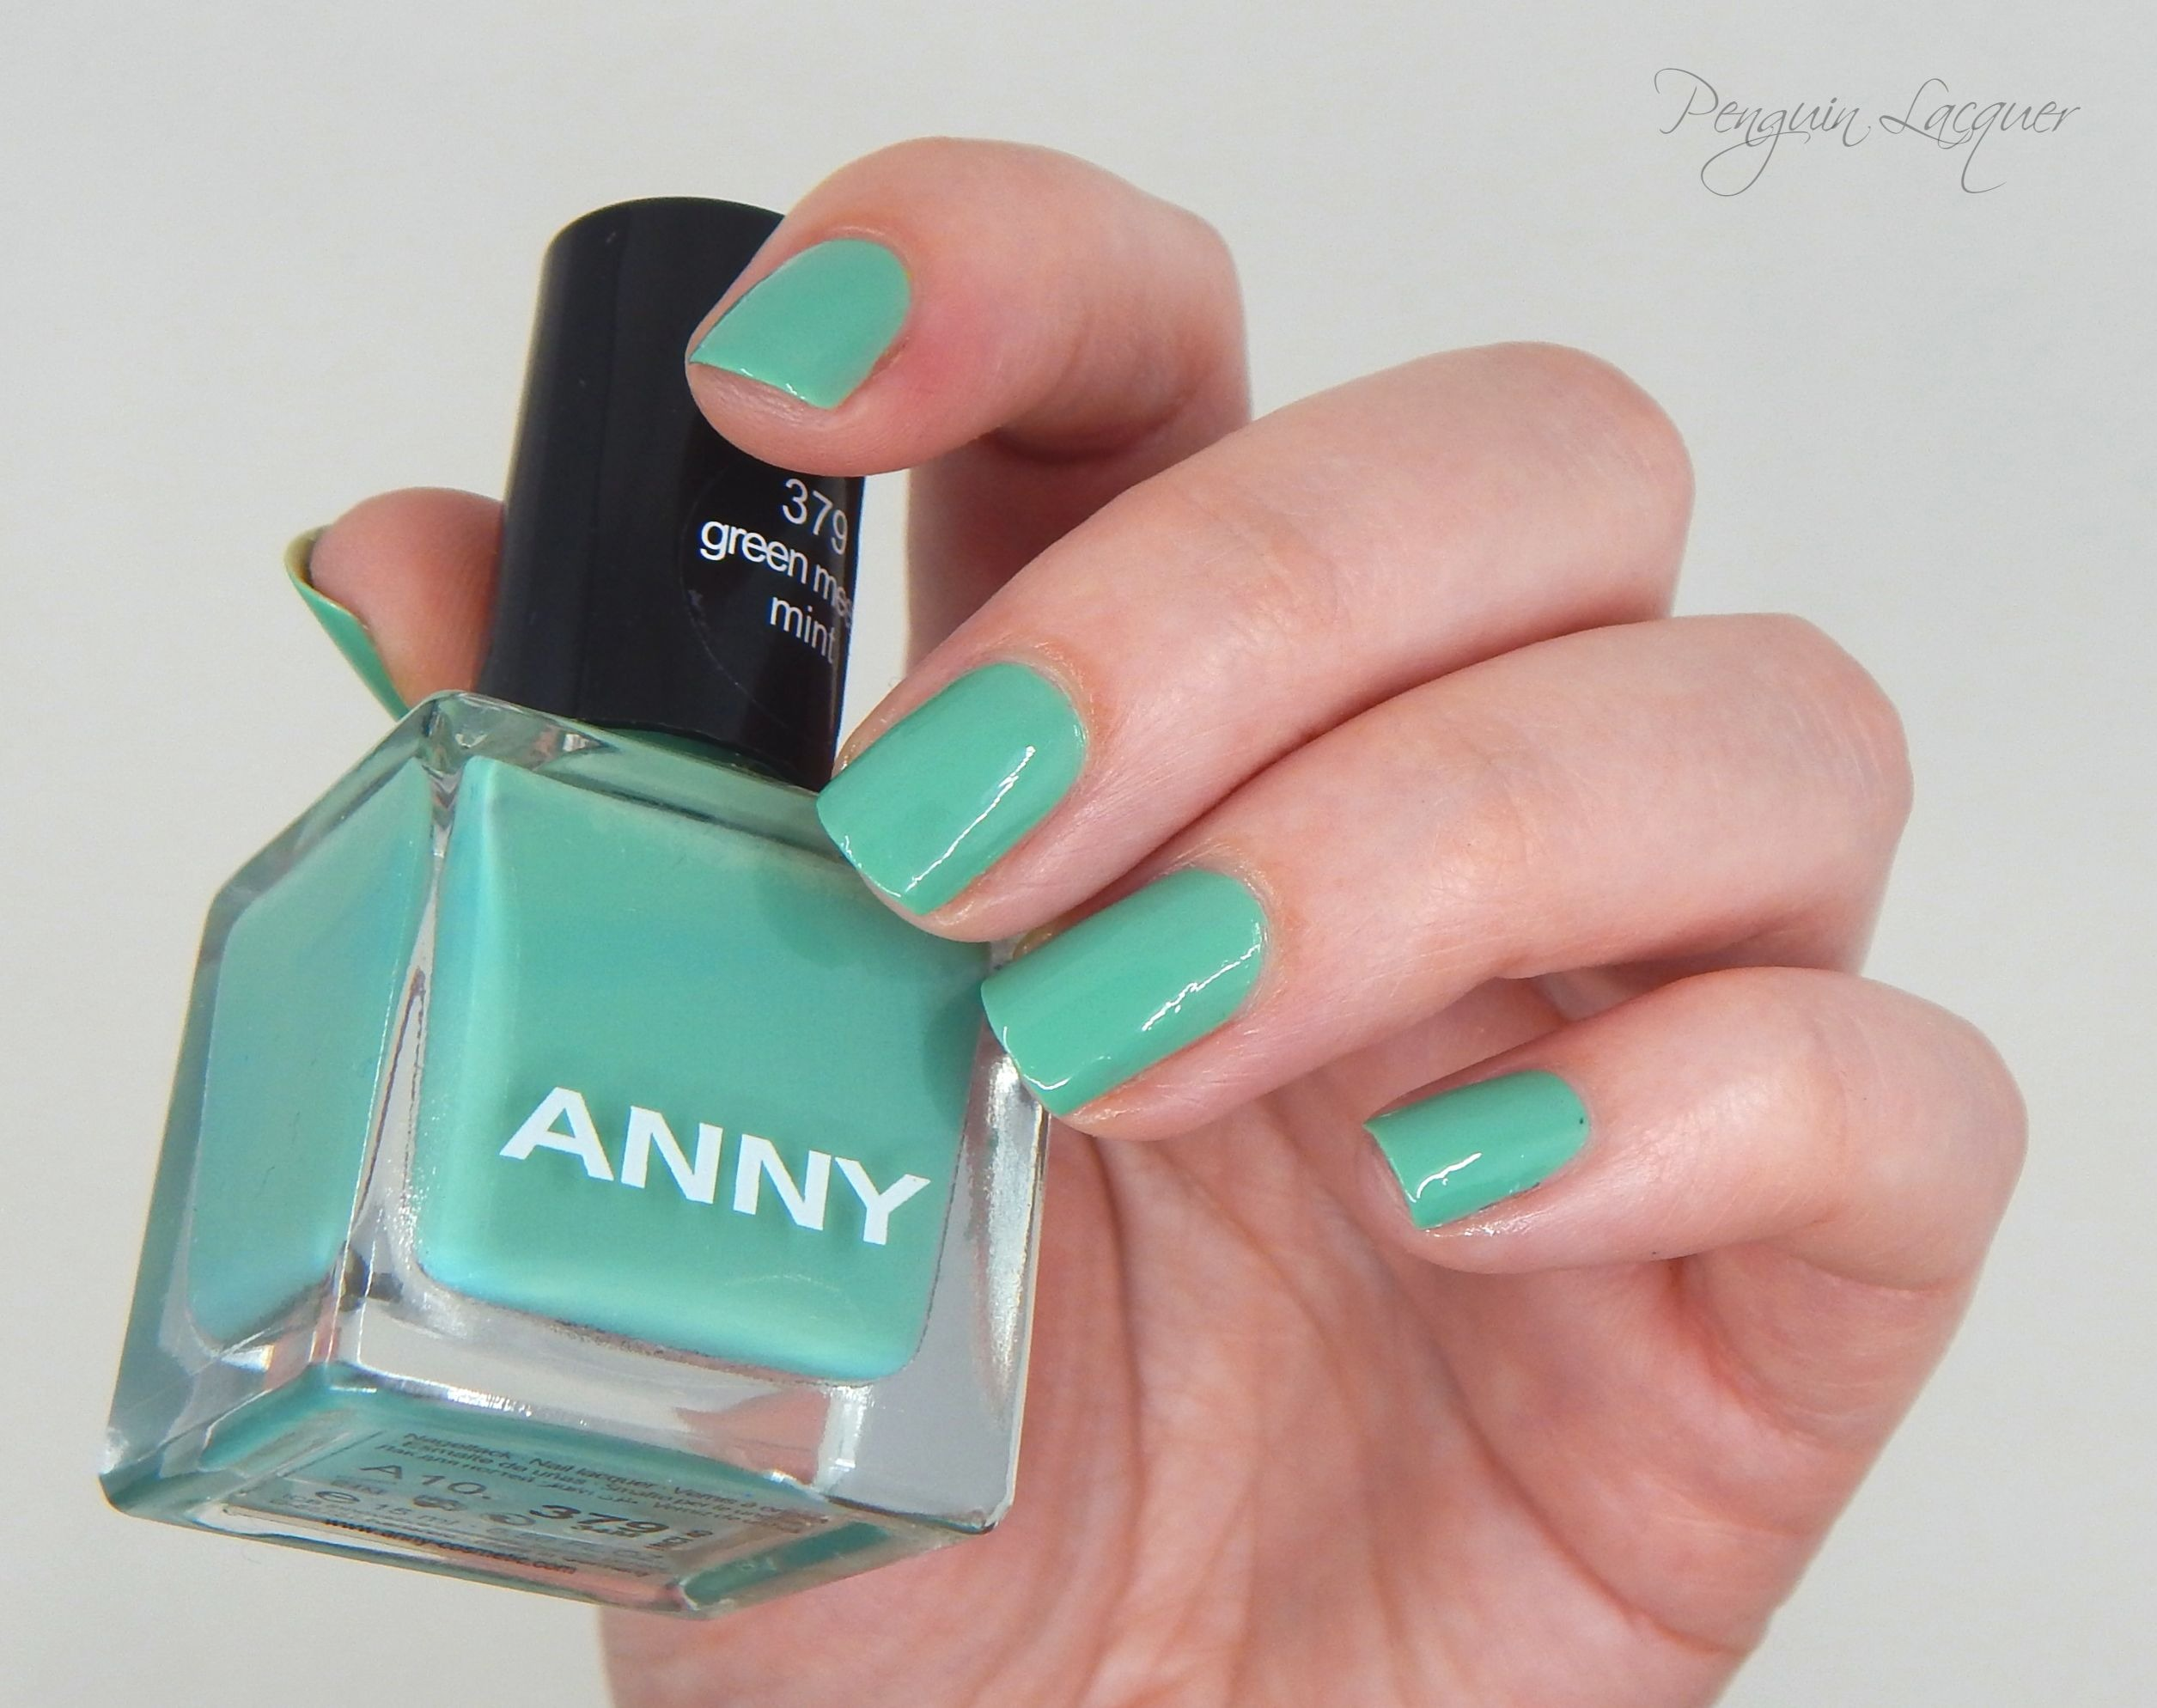 anny_green_meets_mint